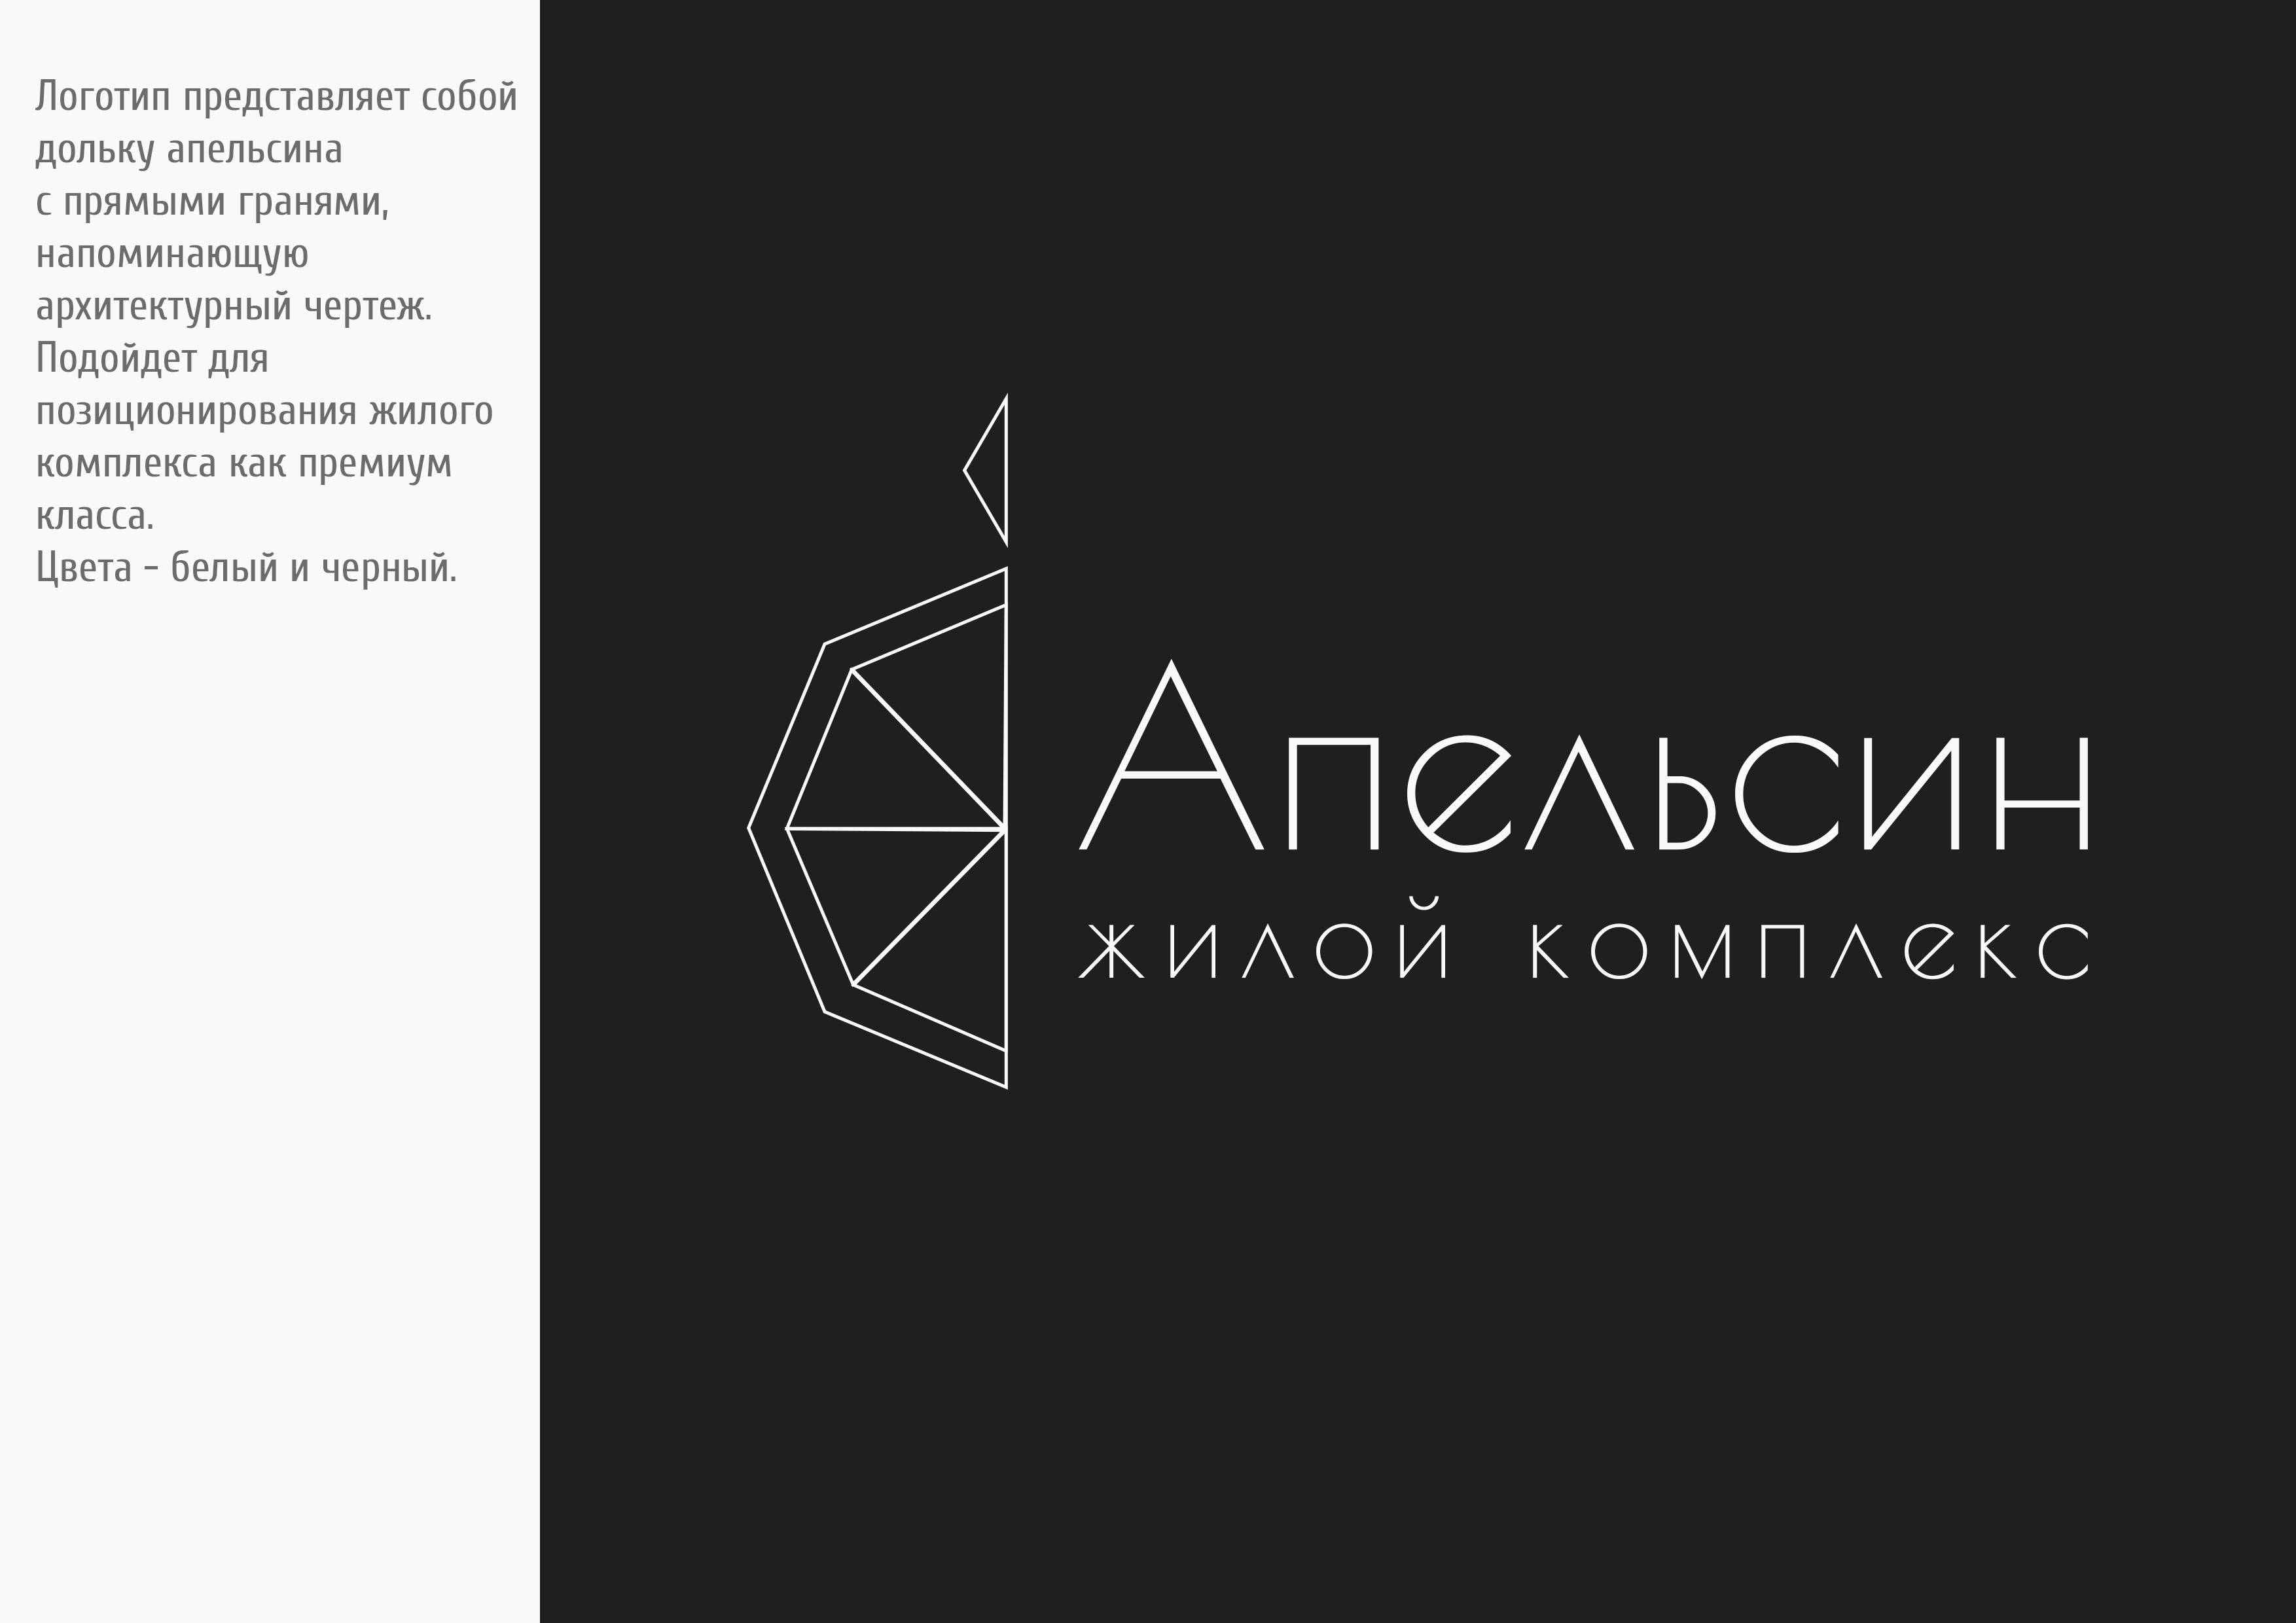 Логотип и фирменный стиль фото f_8225a633f2a055ad.jpg